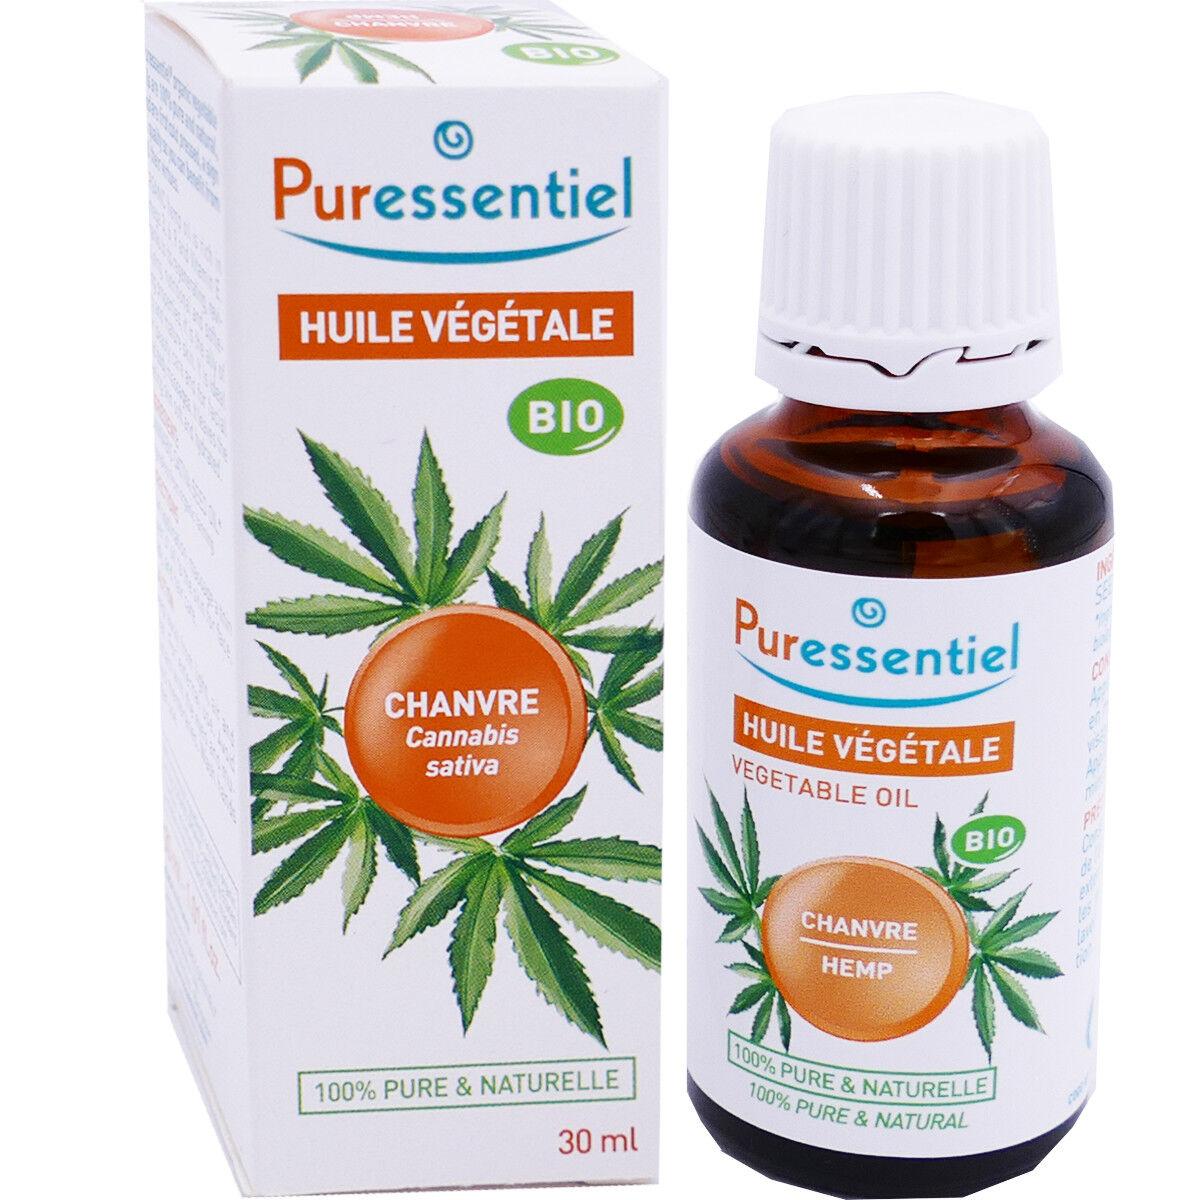 Puressentiel huile vÉgÉtale bio chanvre 30 ml